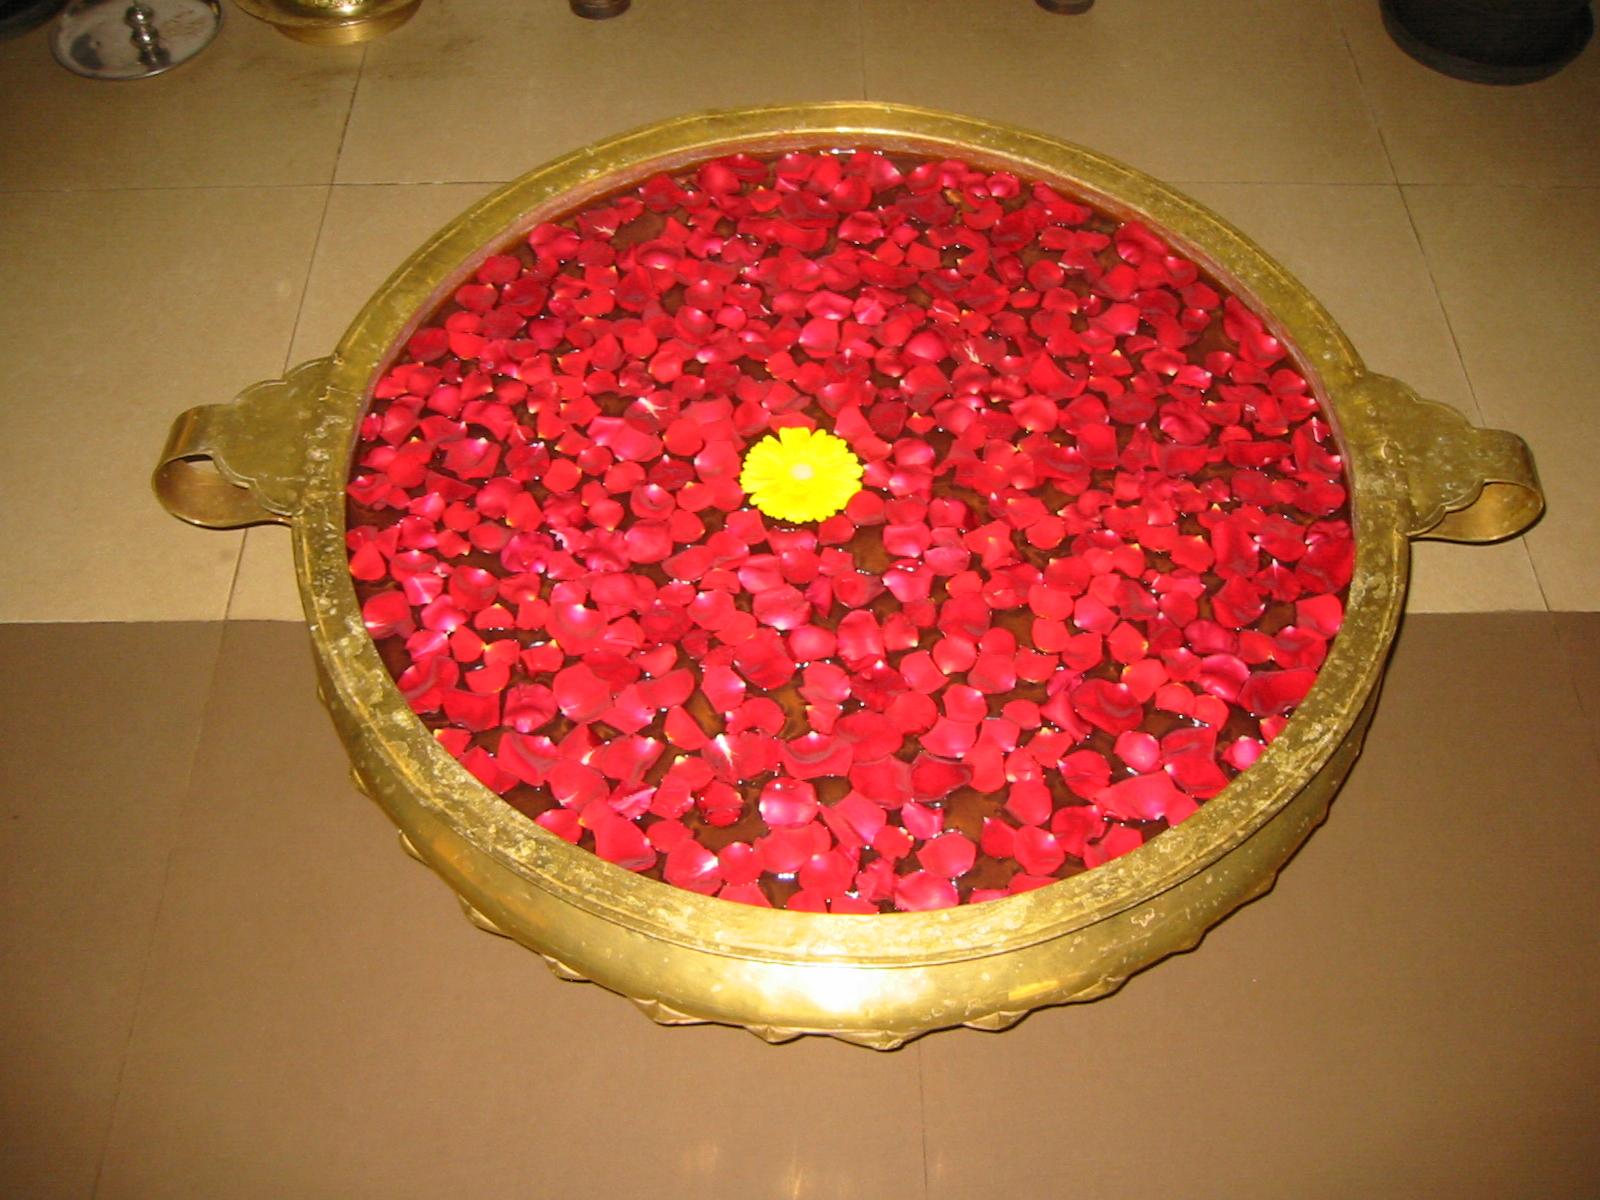 fiori offerti in ciotola